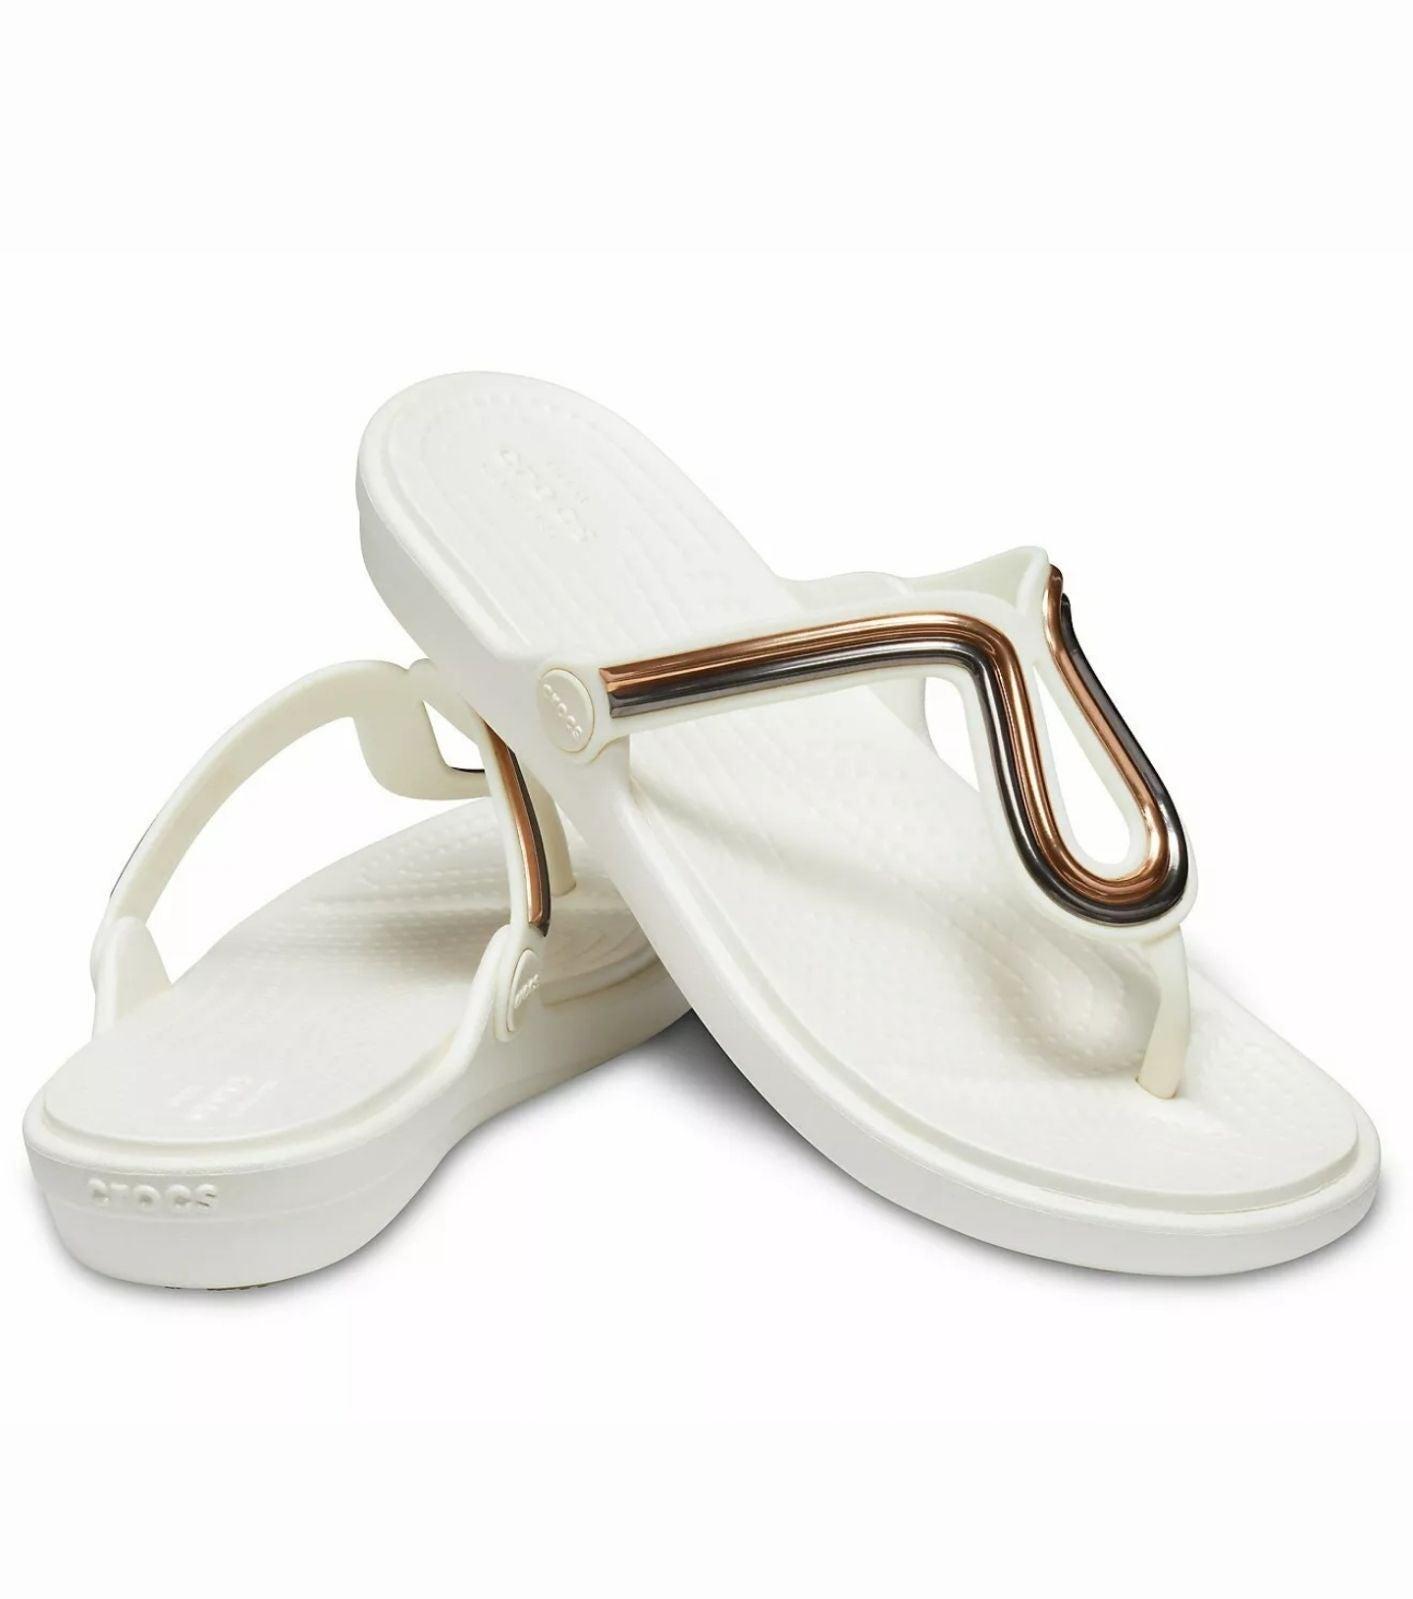 Crocs size 8 sandals flip flop size 8